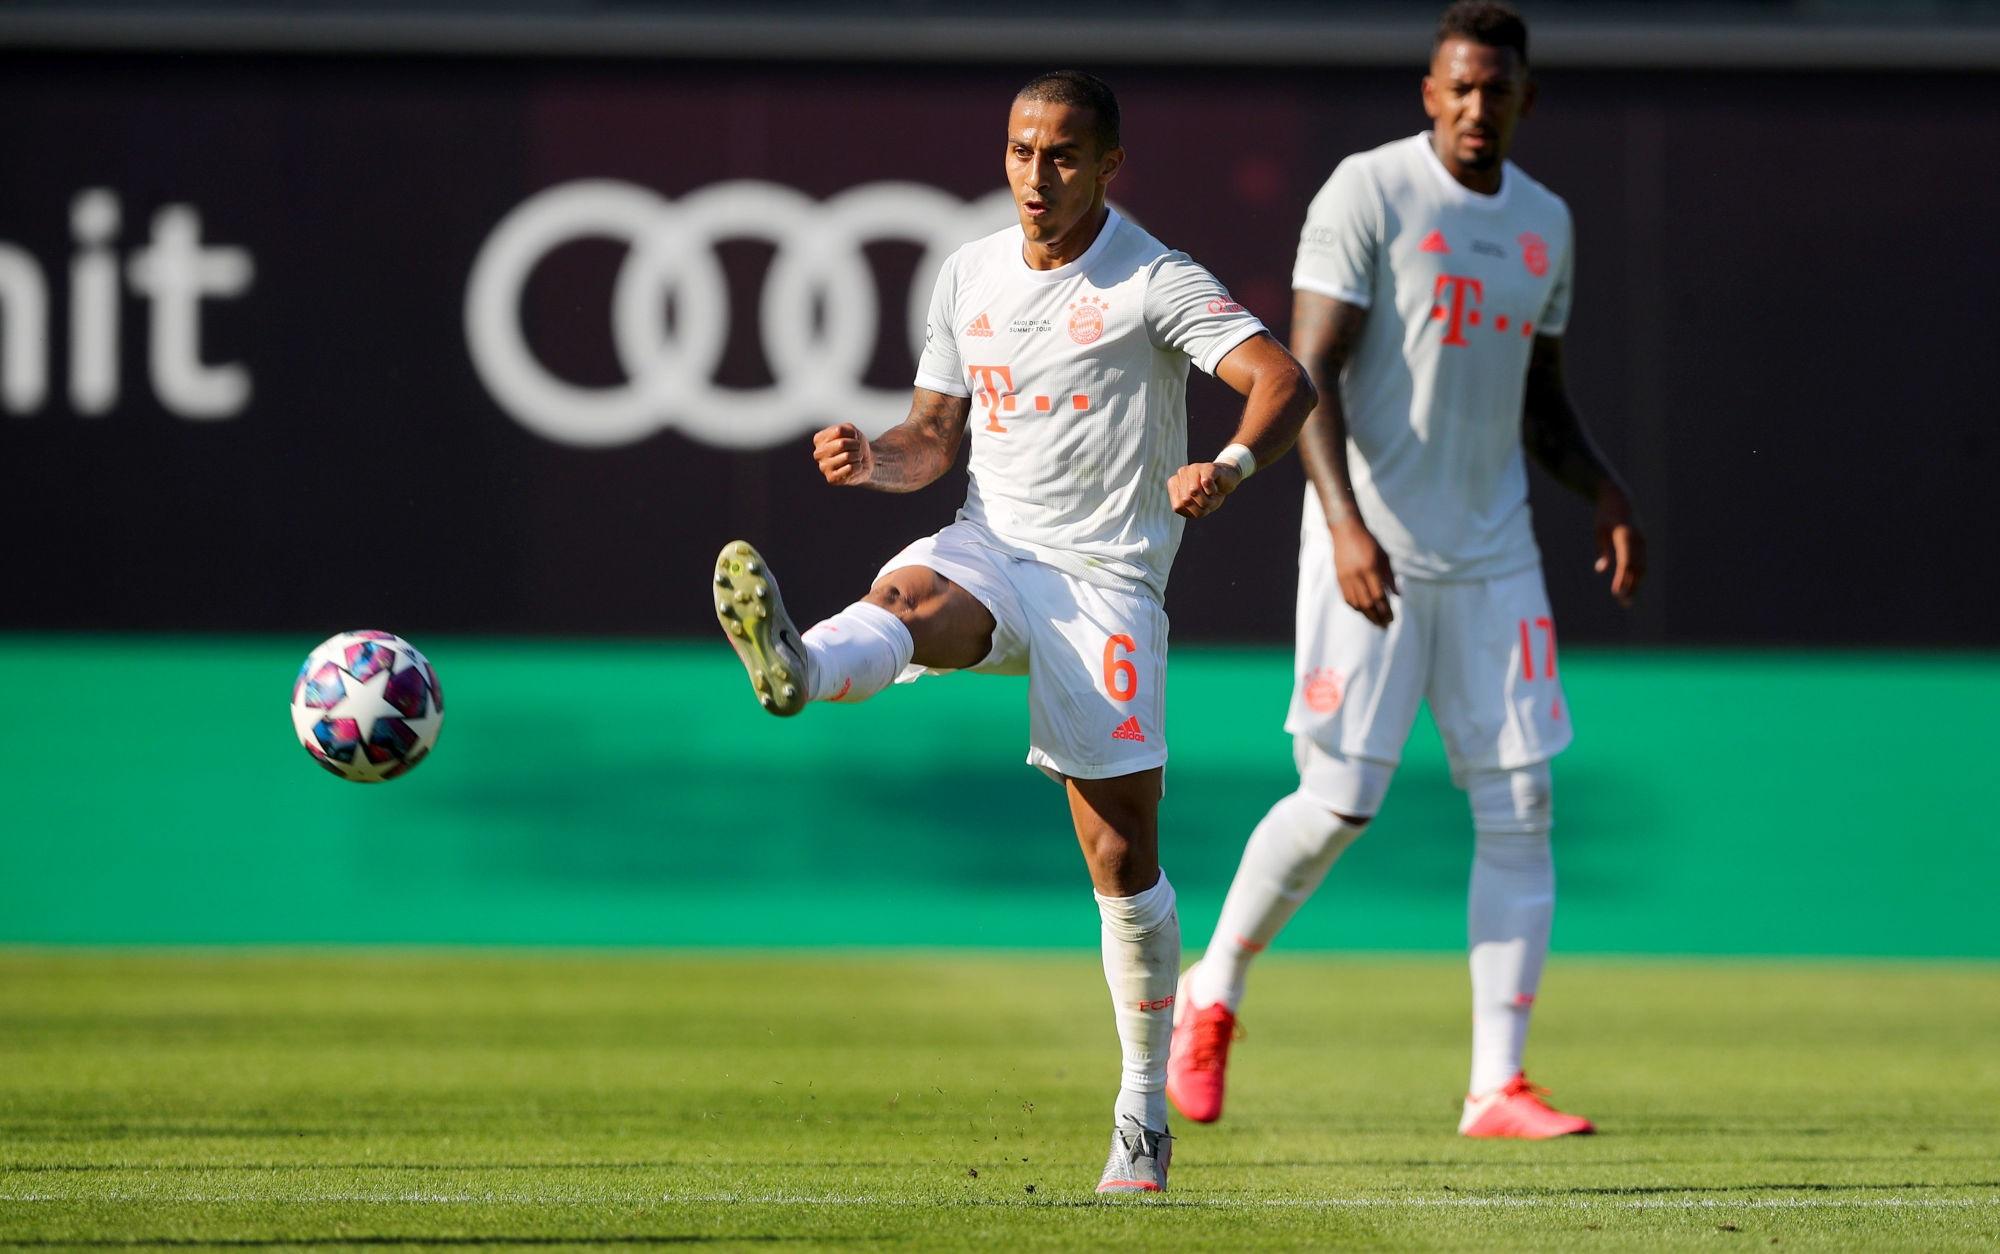 Mercato - Le PSG favori dans le dossier Thiago Alcantara, selon le Abendzeitung München